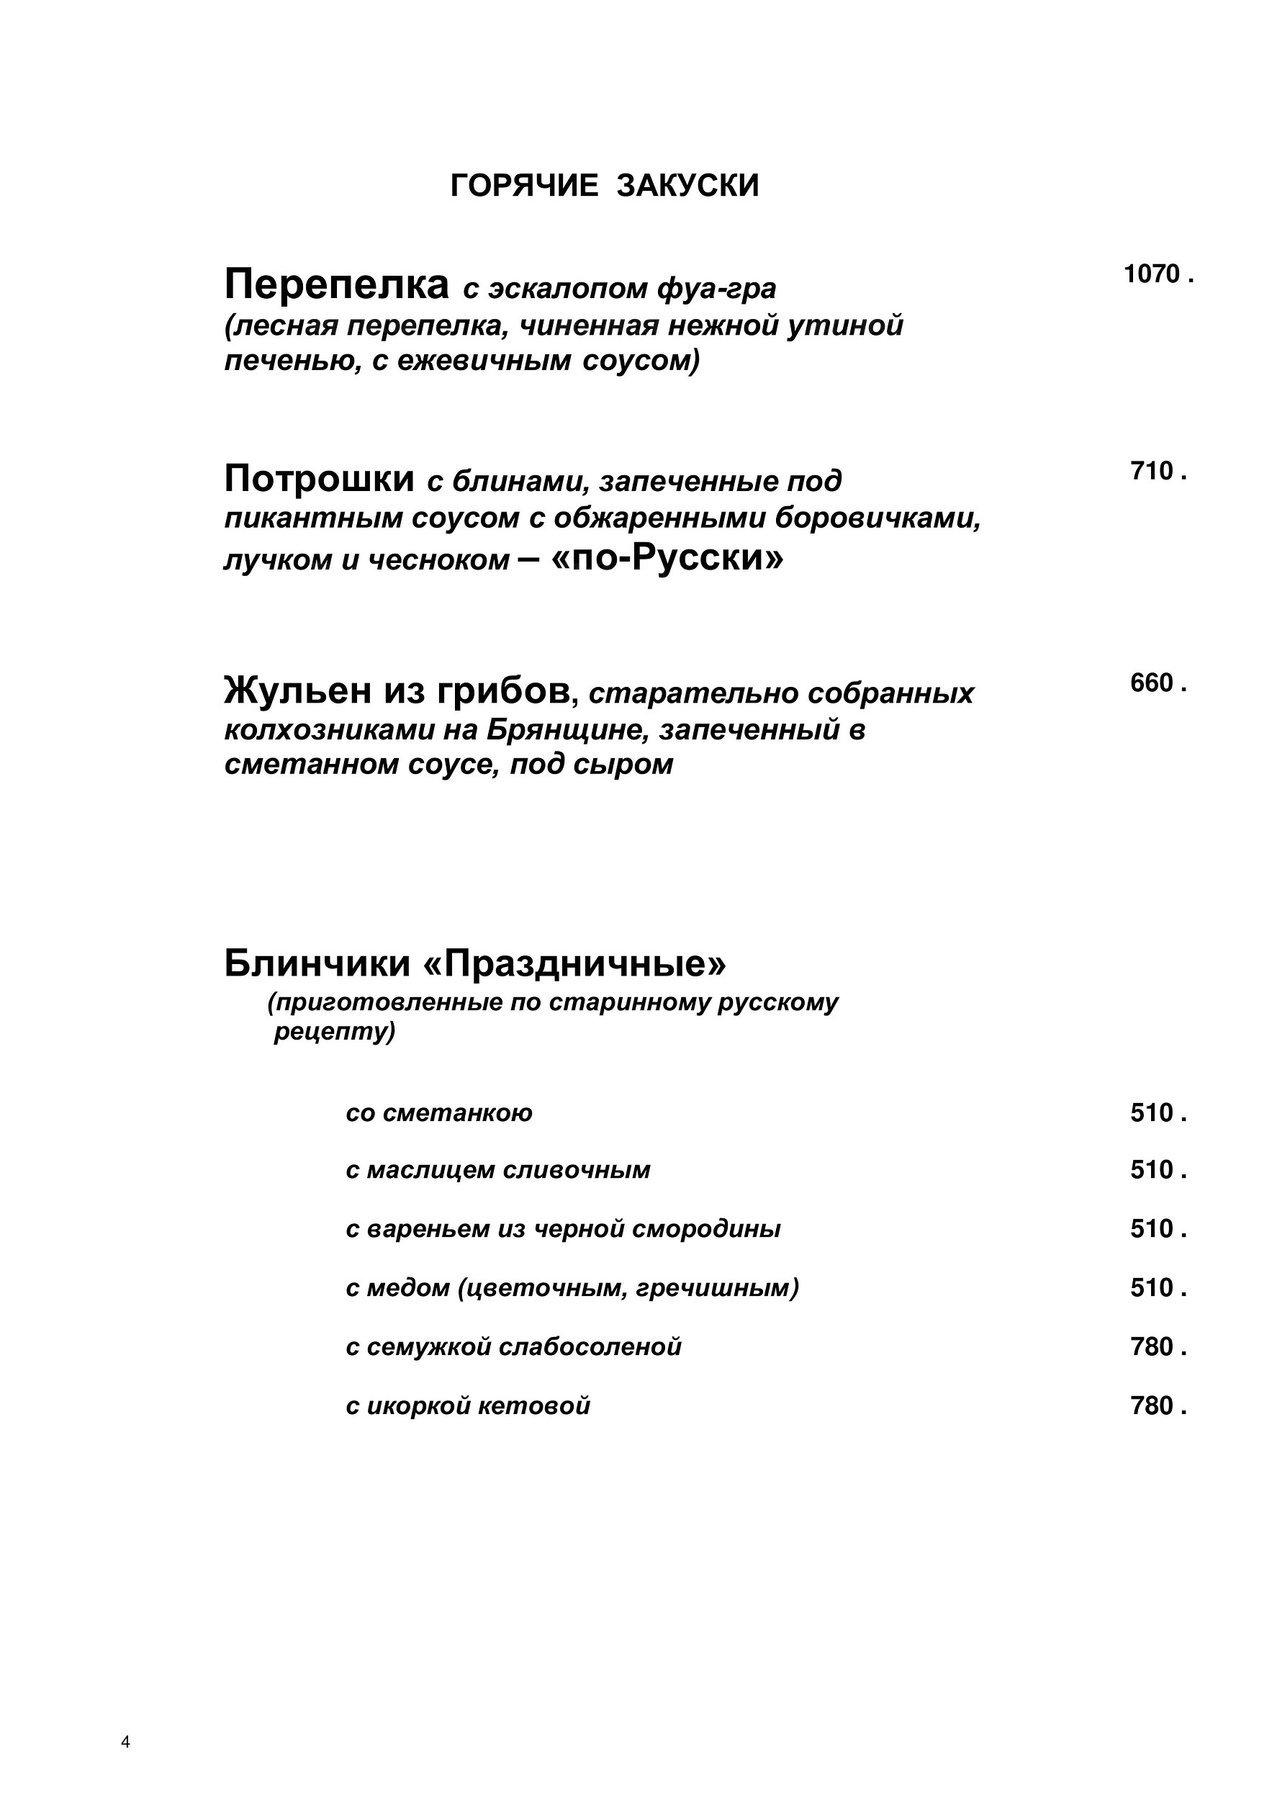 Меню ресторана Чёрная кошка на Воронцовской улице фото 4